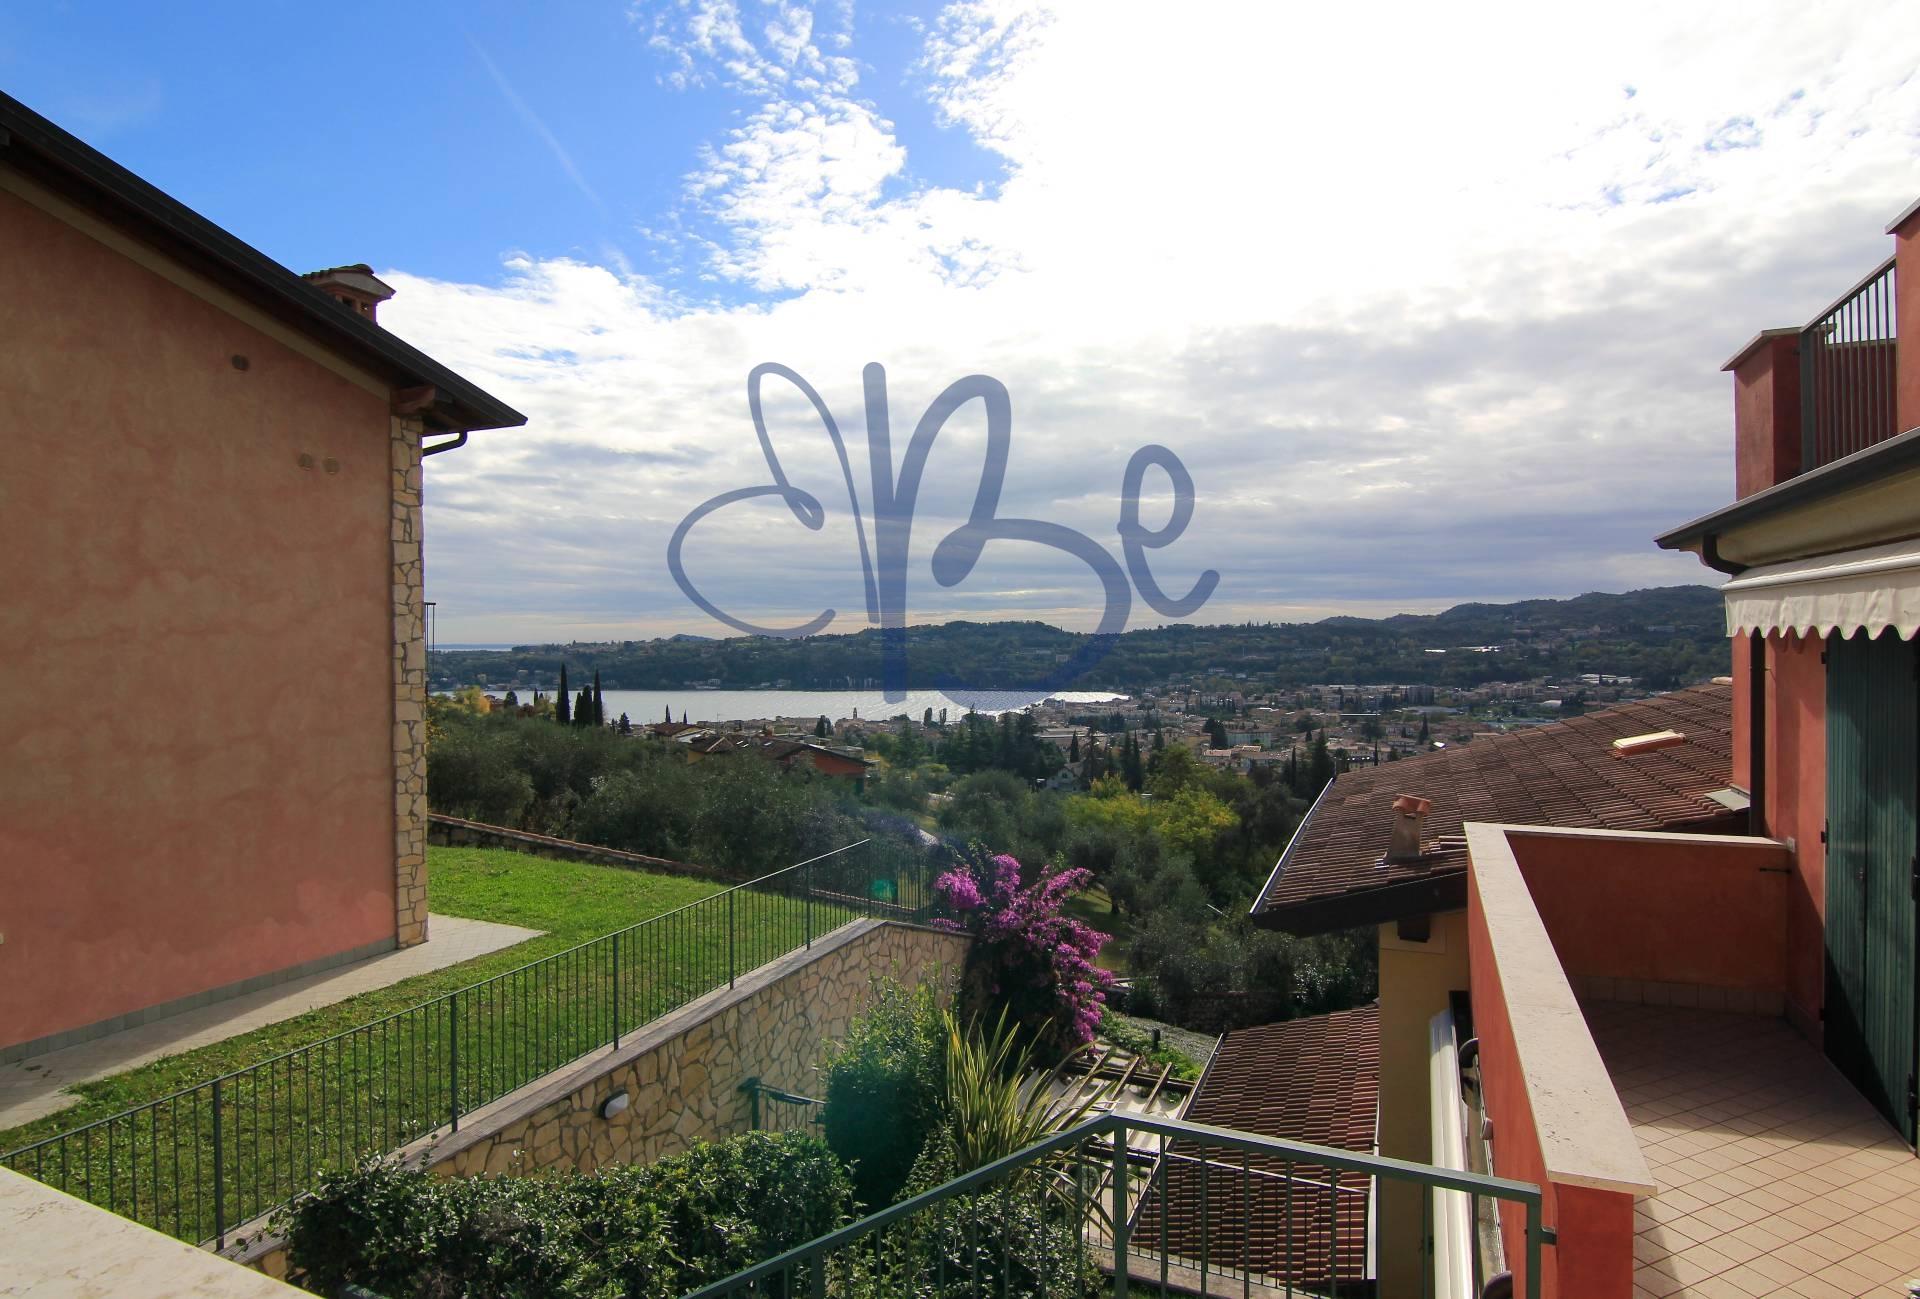 Appartamento in affitto a Salò, 1 locali, zona Zona: Renzano, prezzo € 500 | CambioCasa.it